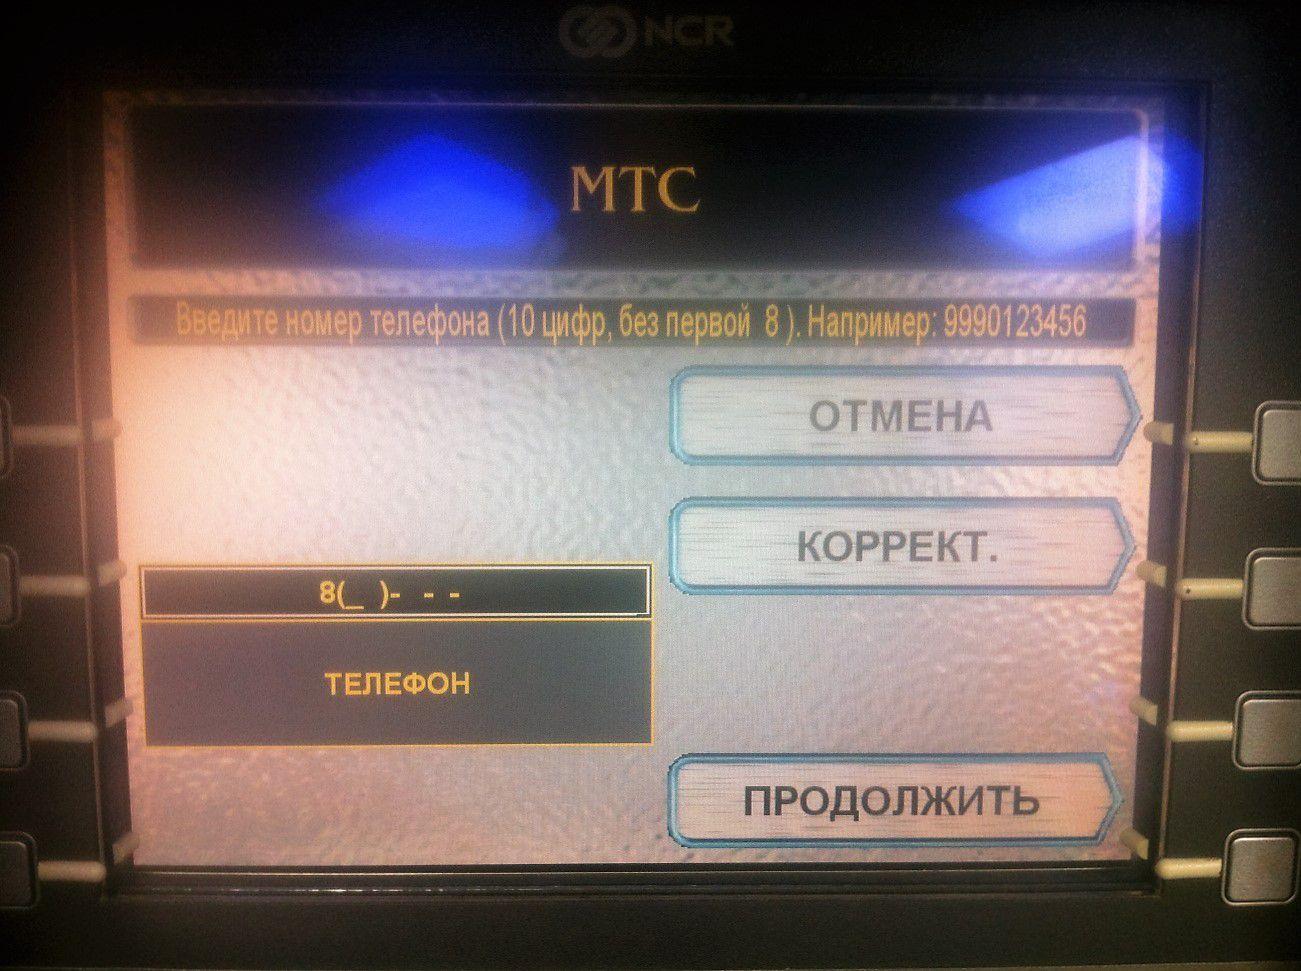 Пополнение счета МТС в банкомате сбербанка